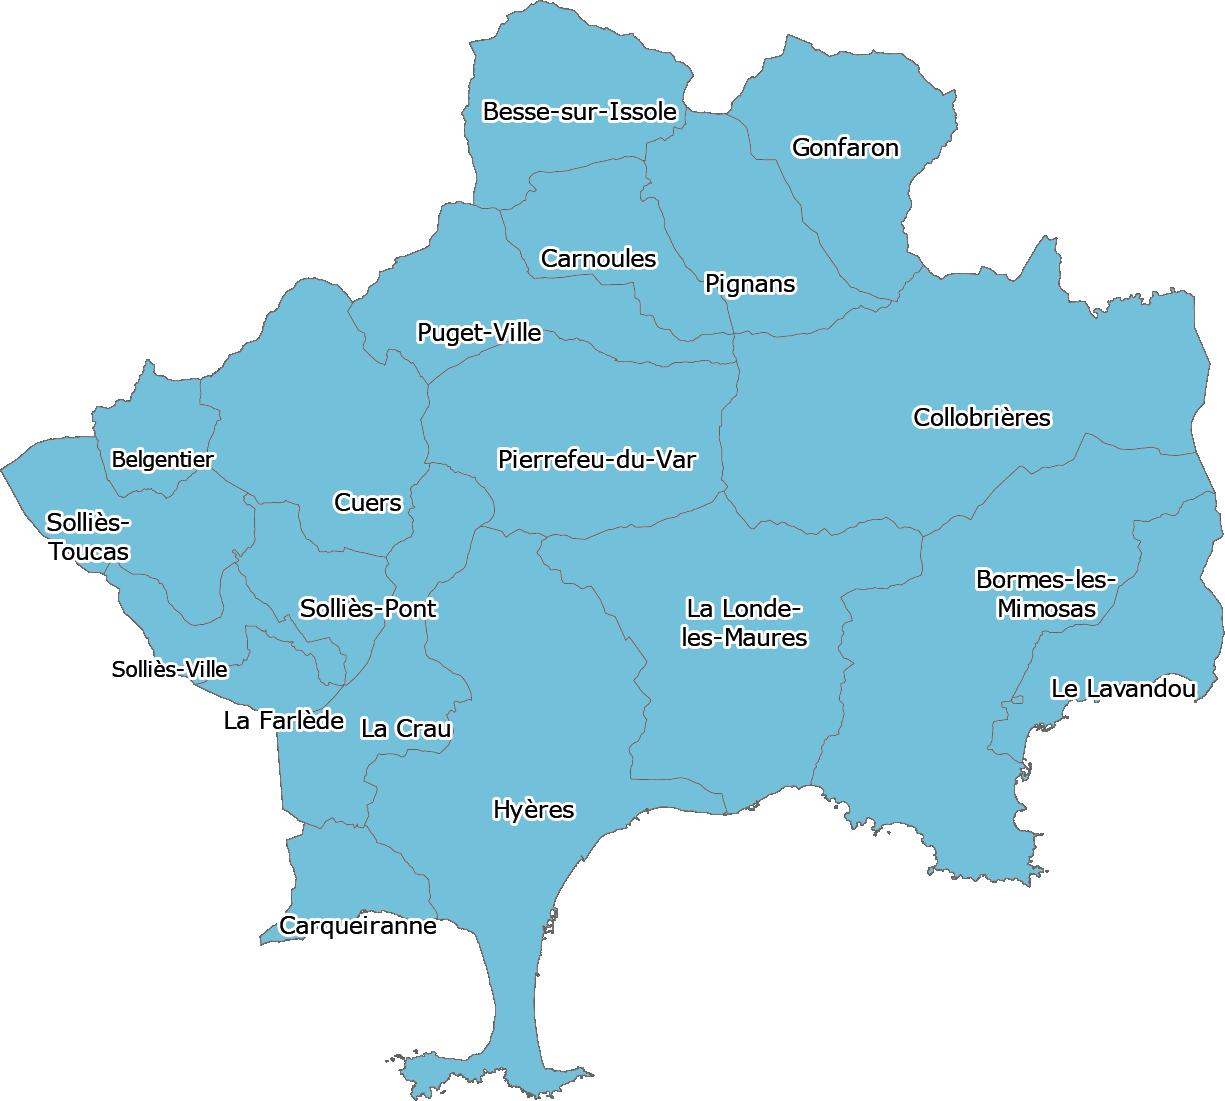 Carte territoire entre Solliès-Toucs, Besse-sur-Issole et Le Lavandou